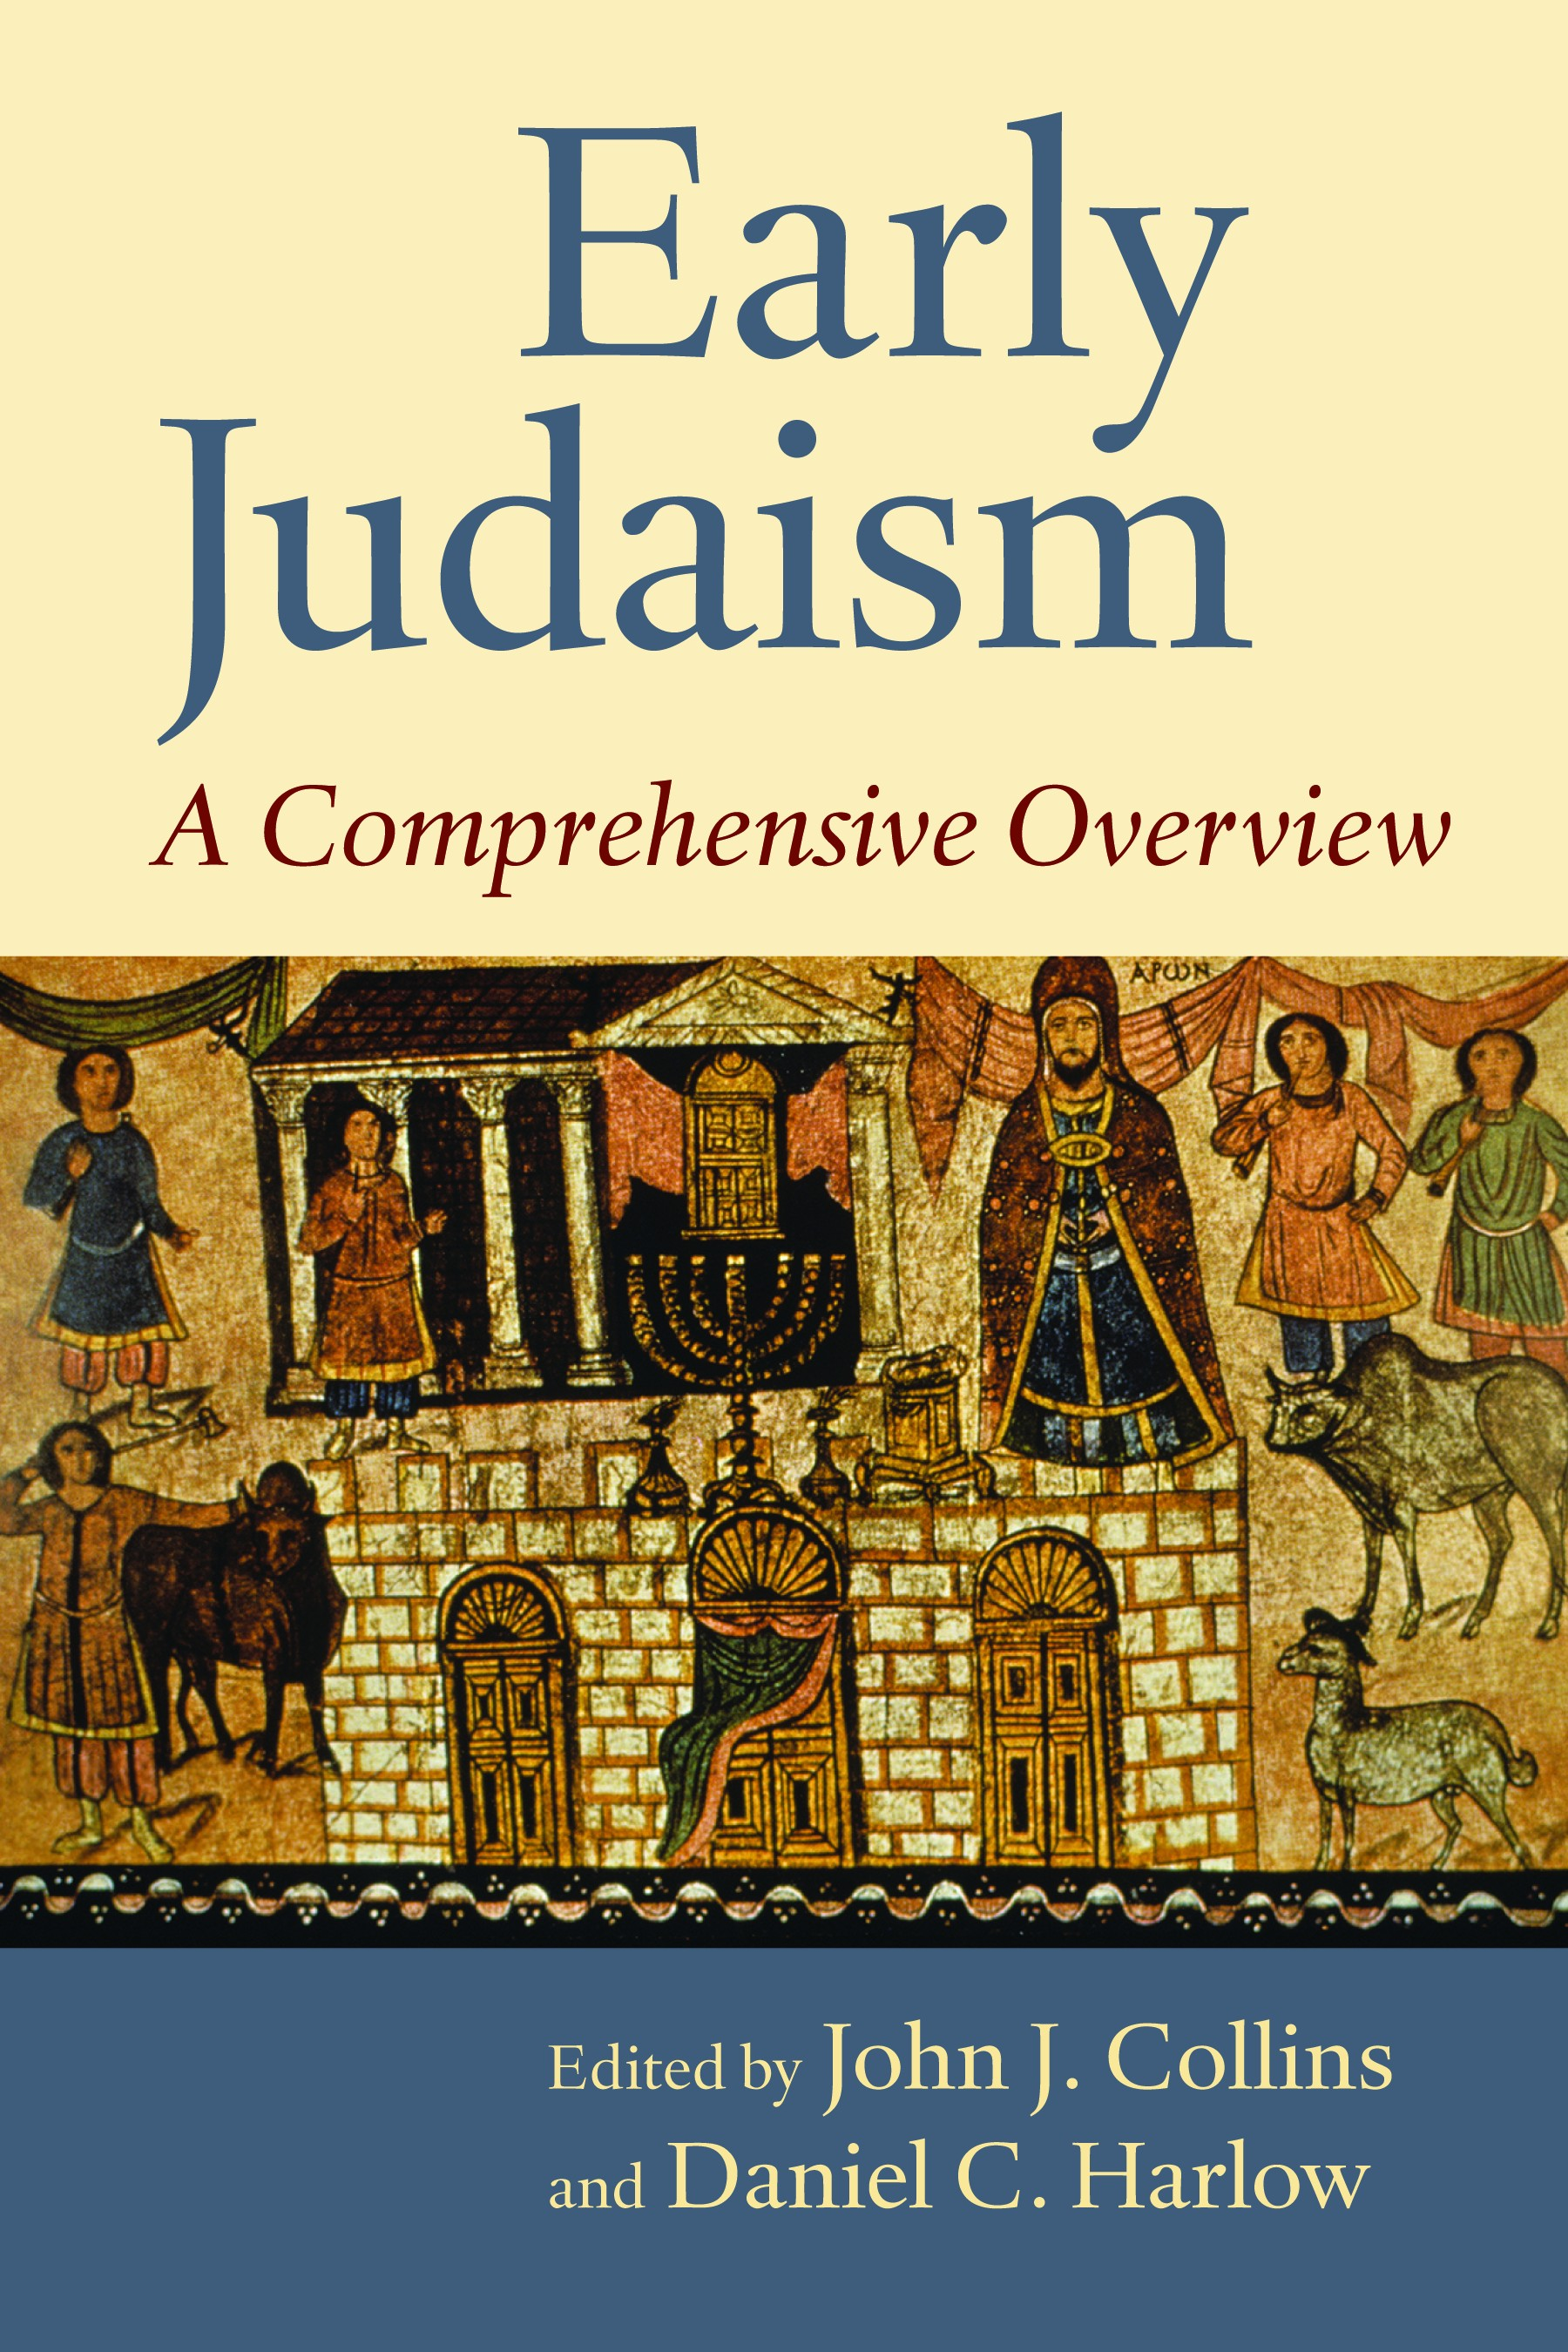 Early judaism john j collins daniel c harlow eerdmans fandeluxe Gallery